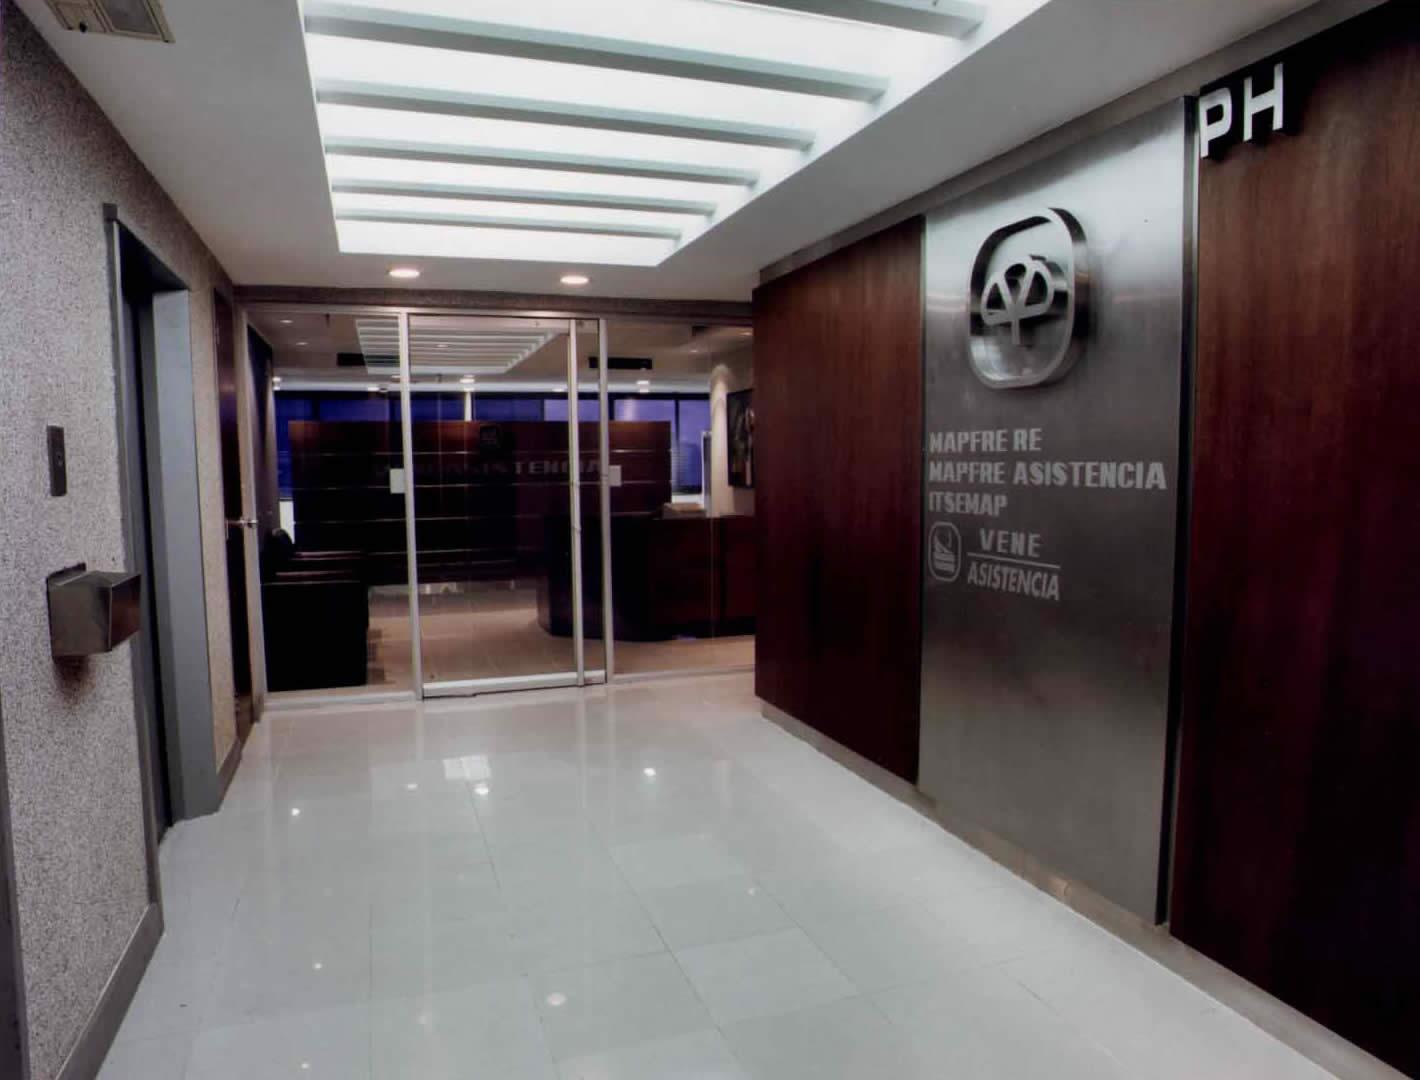 Oficinas Veneasistencia